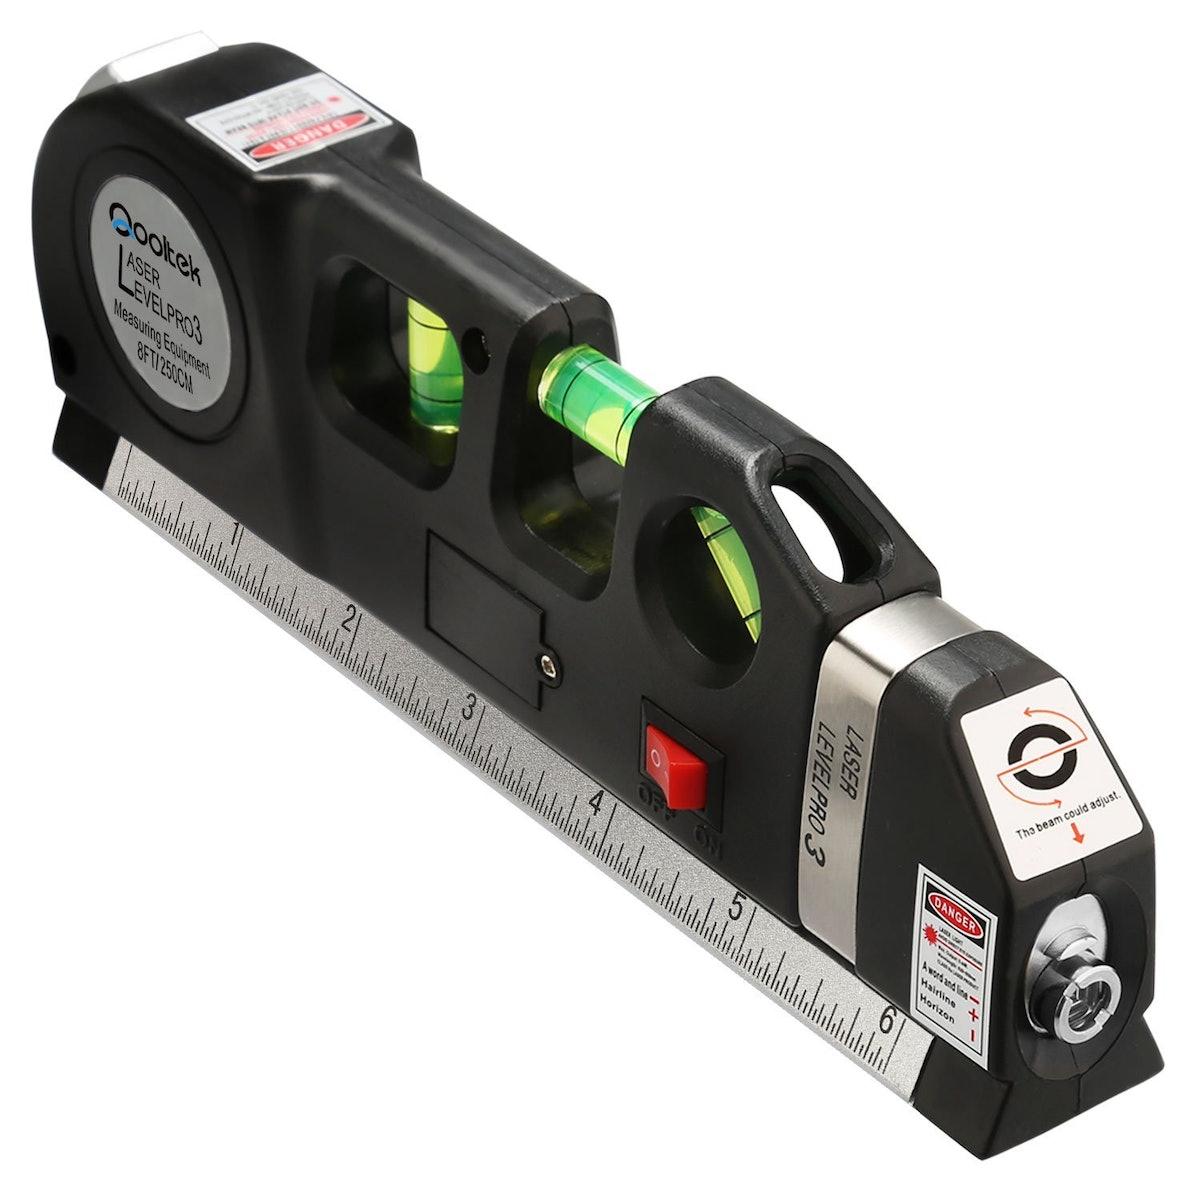 Qooltek Qooltek Multipurpose Laser Level